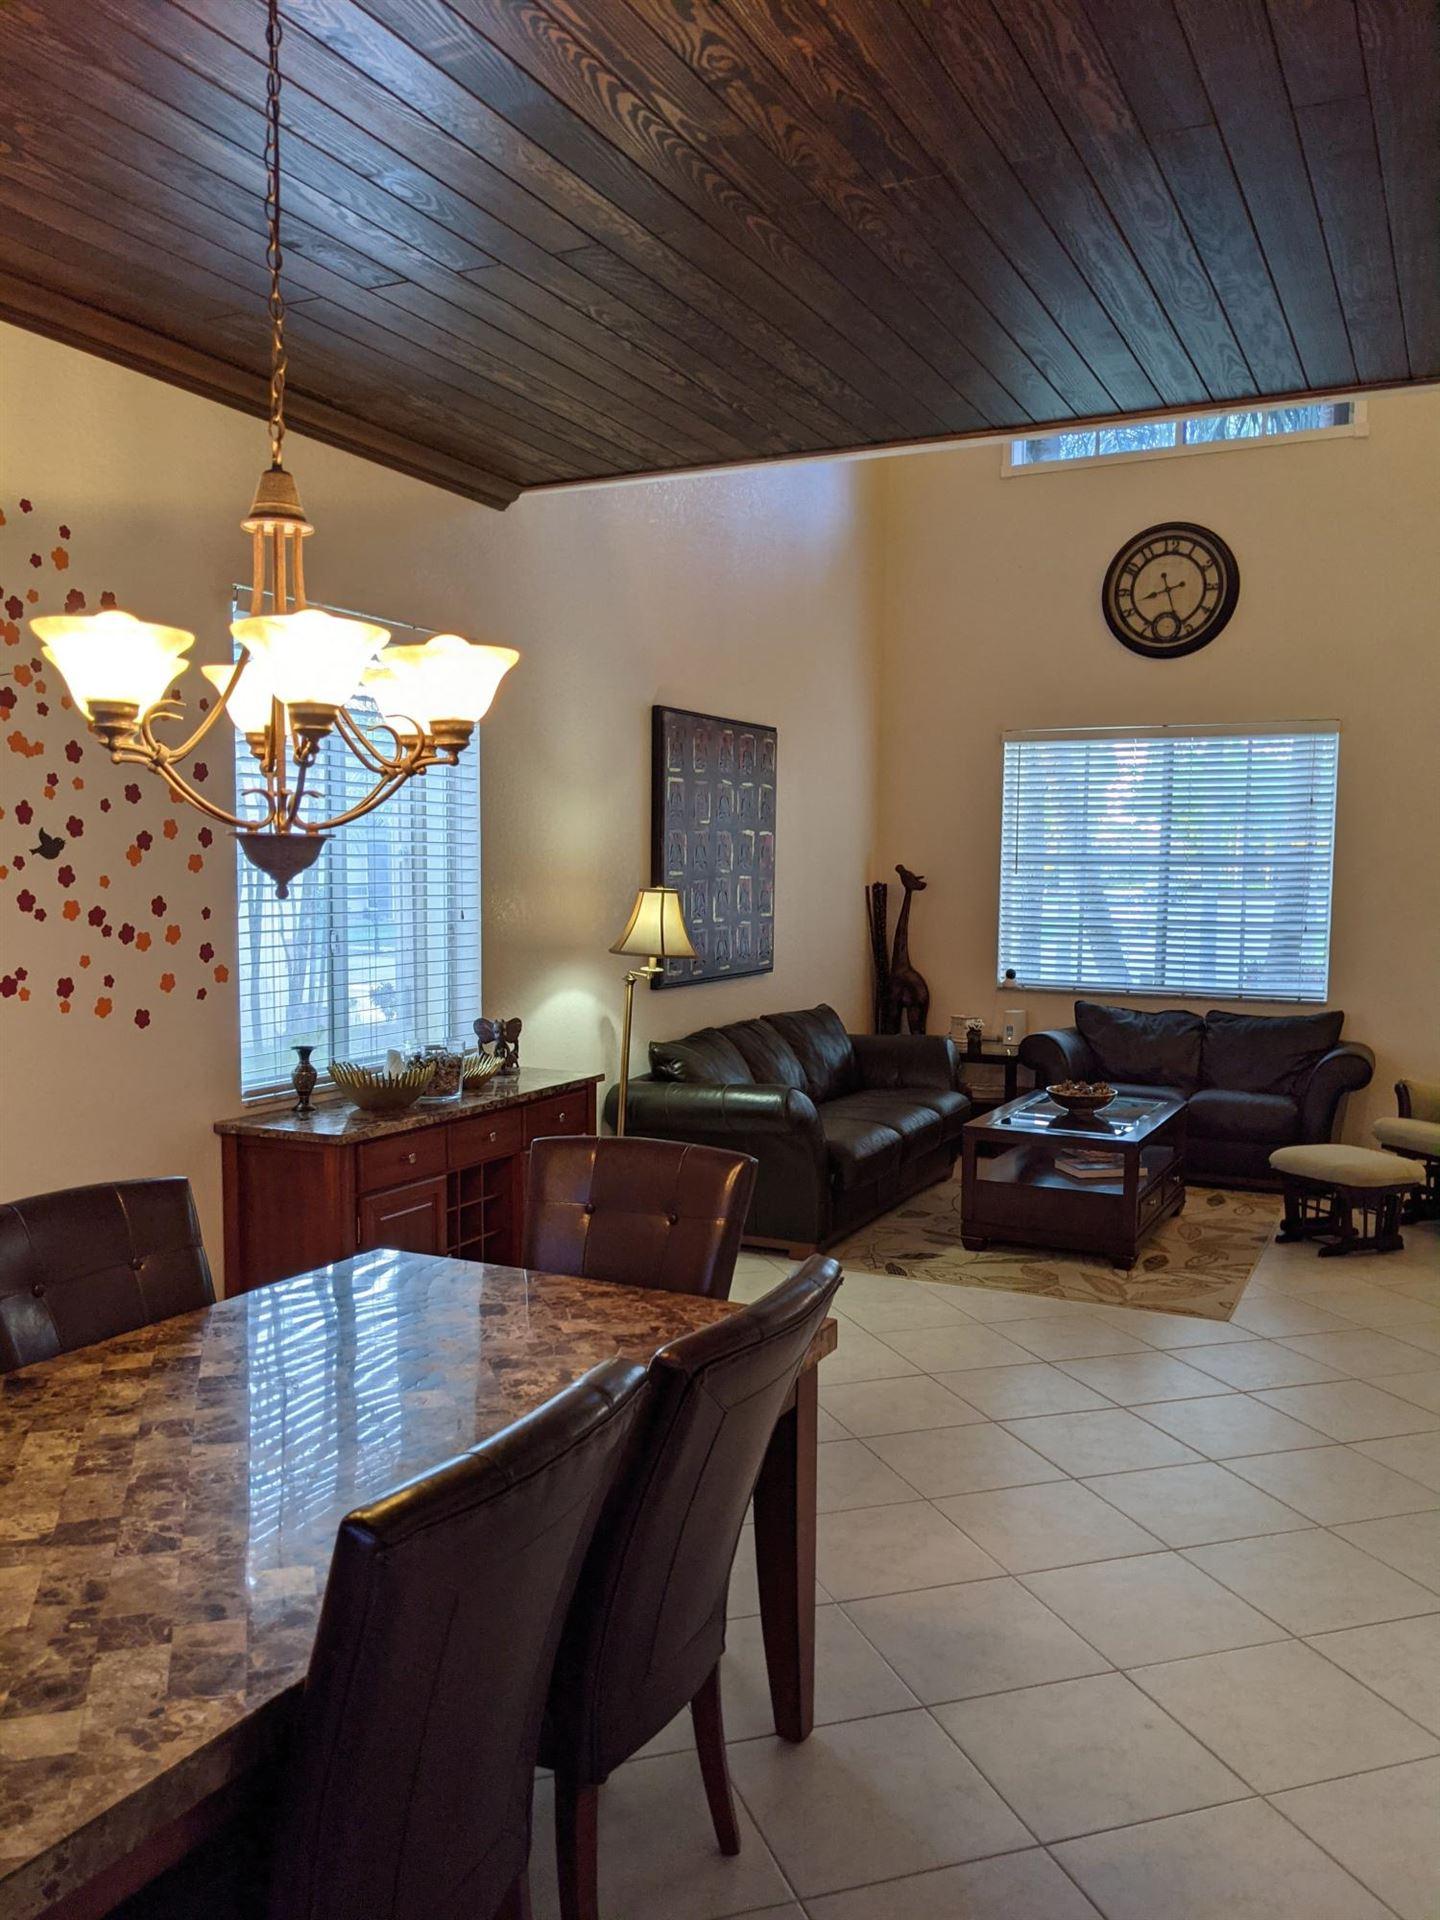 Photo of 5032 Mallards Place, Coconut Creek, FL 33073 (MLS # RX-10731975)